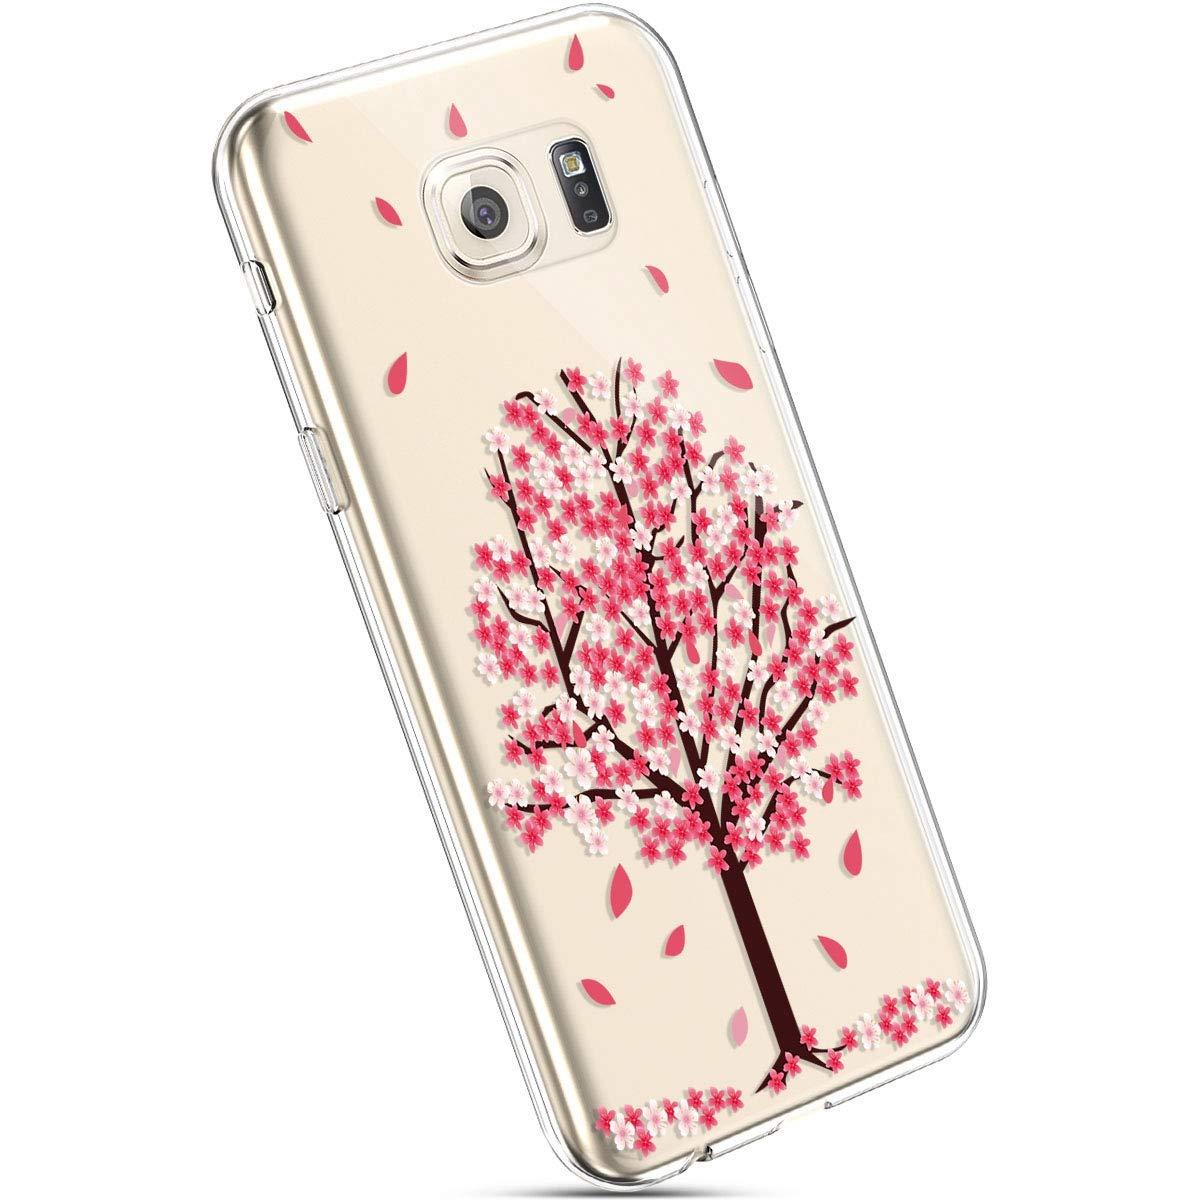 Robinsoni Cover Compatibile con Samsung Galaxy S6 Edge Plus Cover Silicone Colorate Clear View Trasparente Cover Morbido Flessibile Antiurto Cover Sottile Cartoni 360 Gradi Bumper di Gomma Custodia